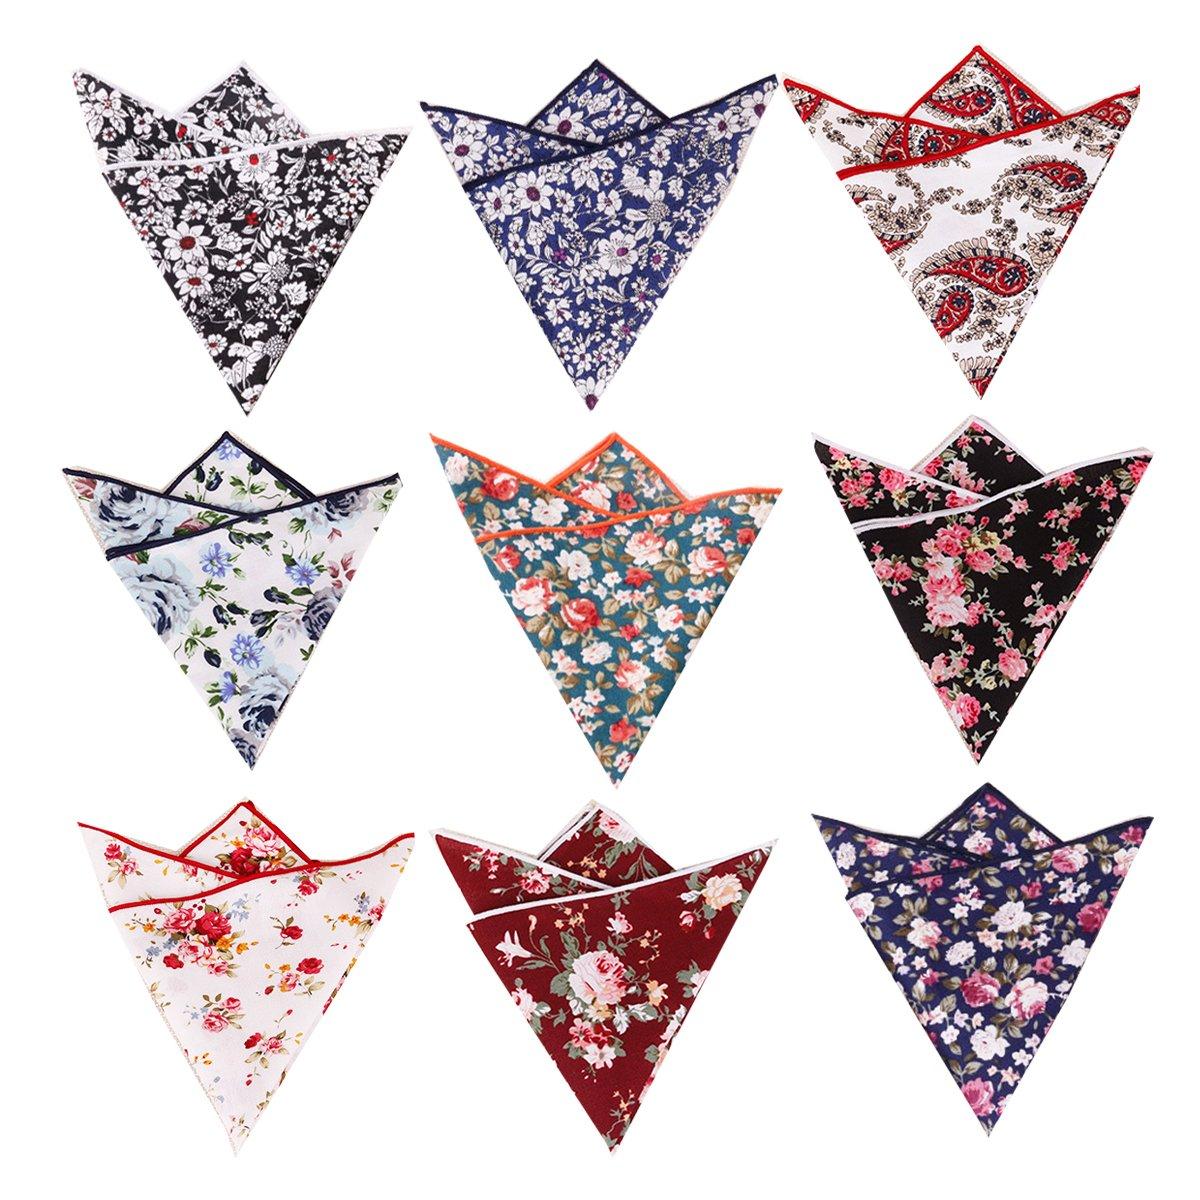 BonjourMrsMr Men's Business Suit Casual Floral Cotton Pocket Square Handkerchiefs Set by BonjourMrsMr (Image #2)